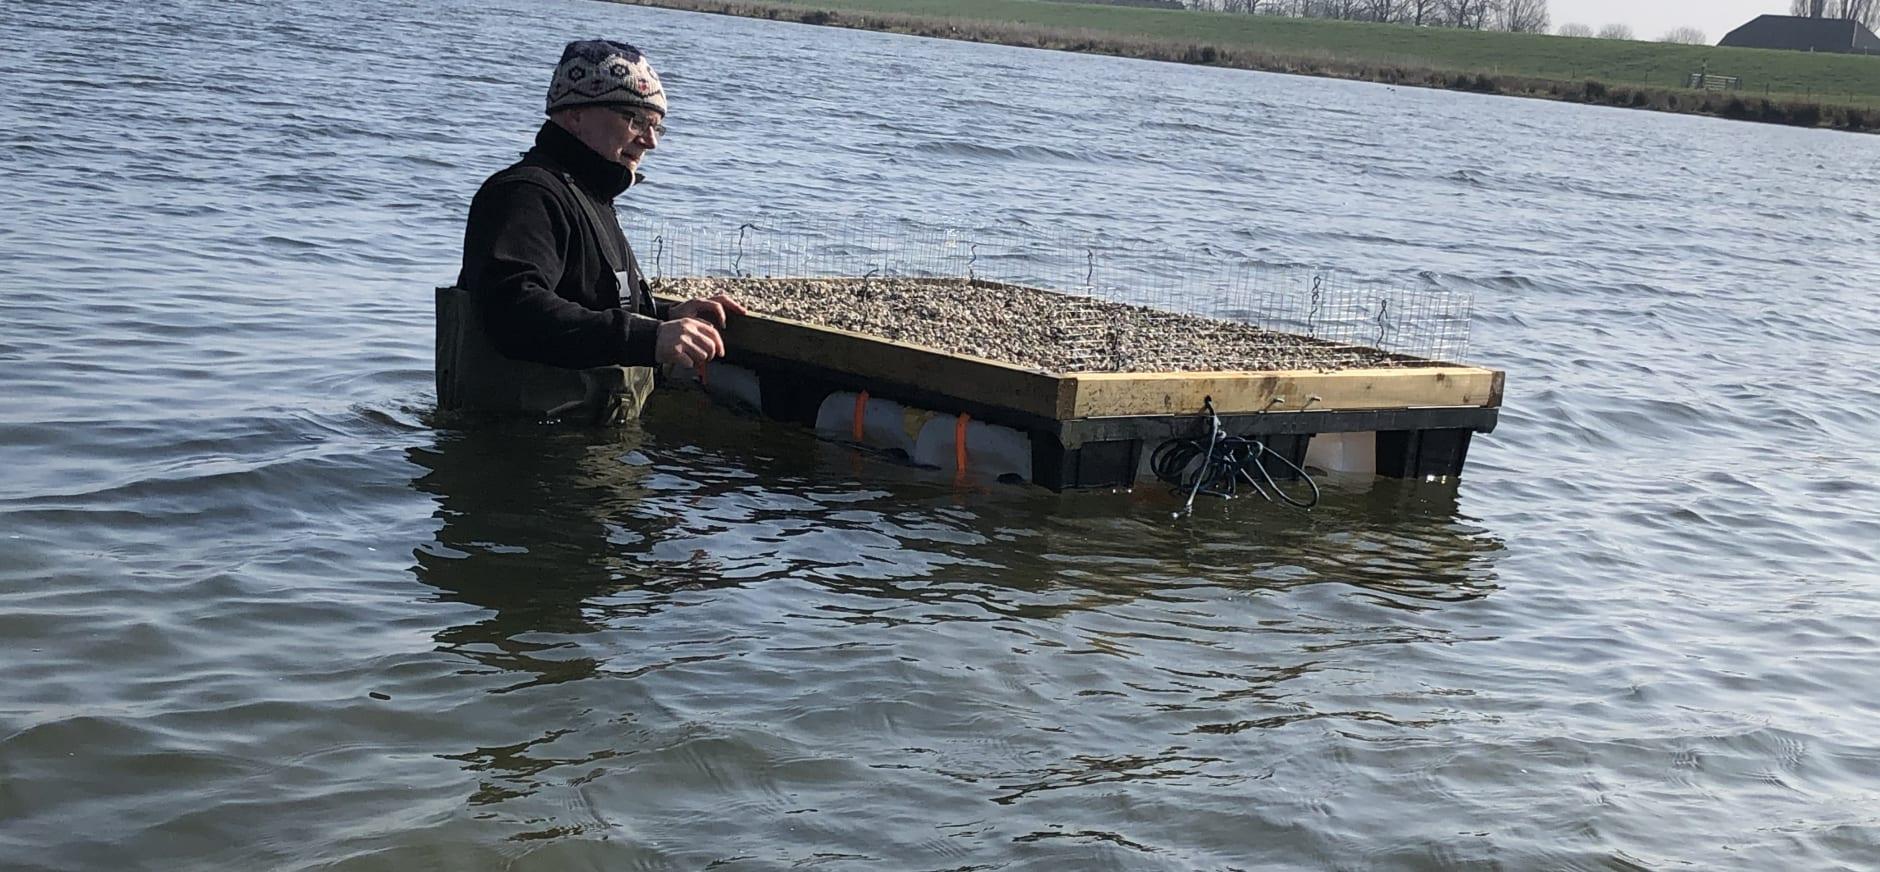 Visdiefvlot in het water